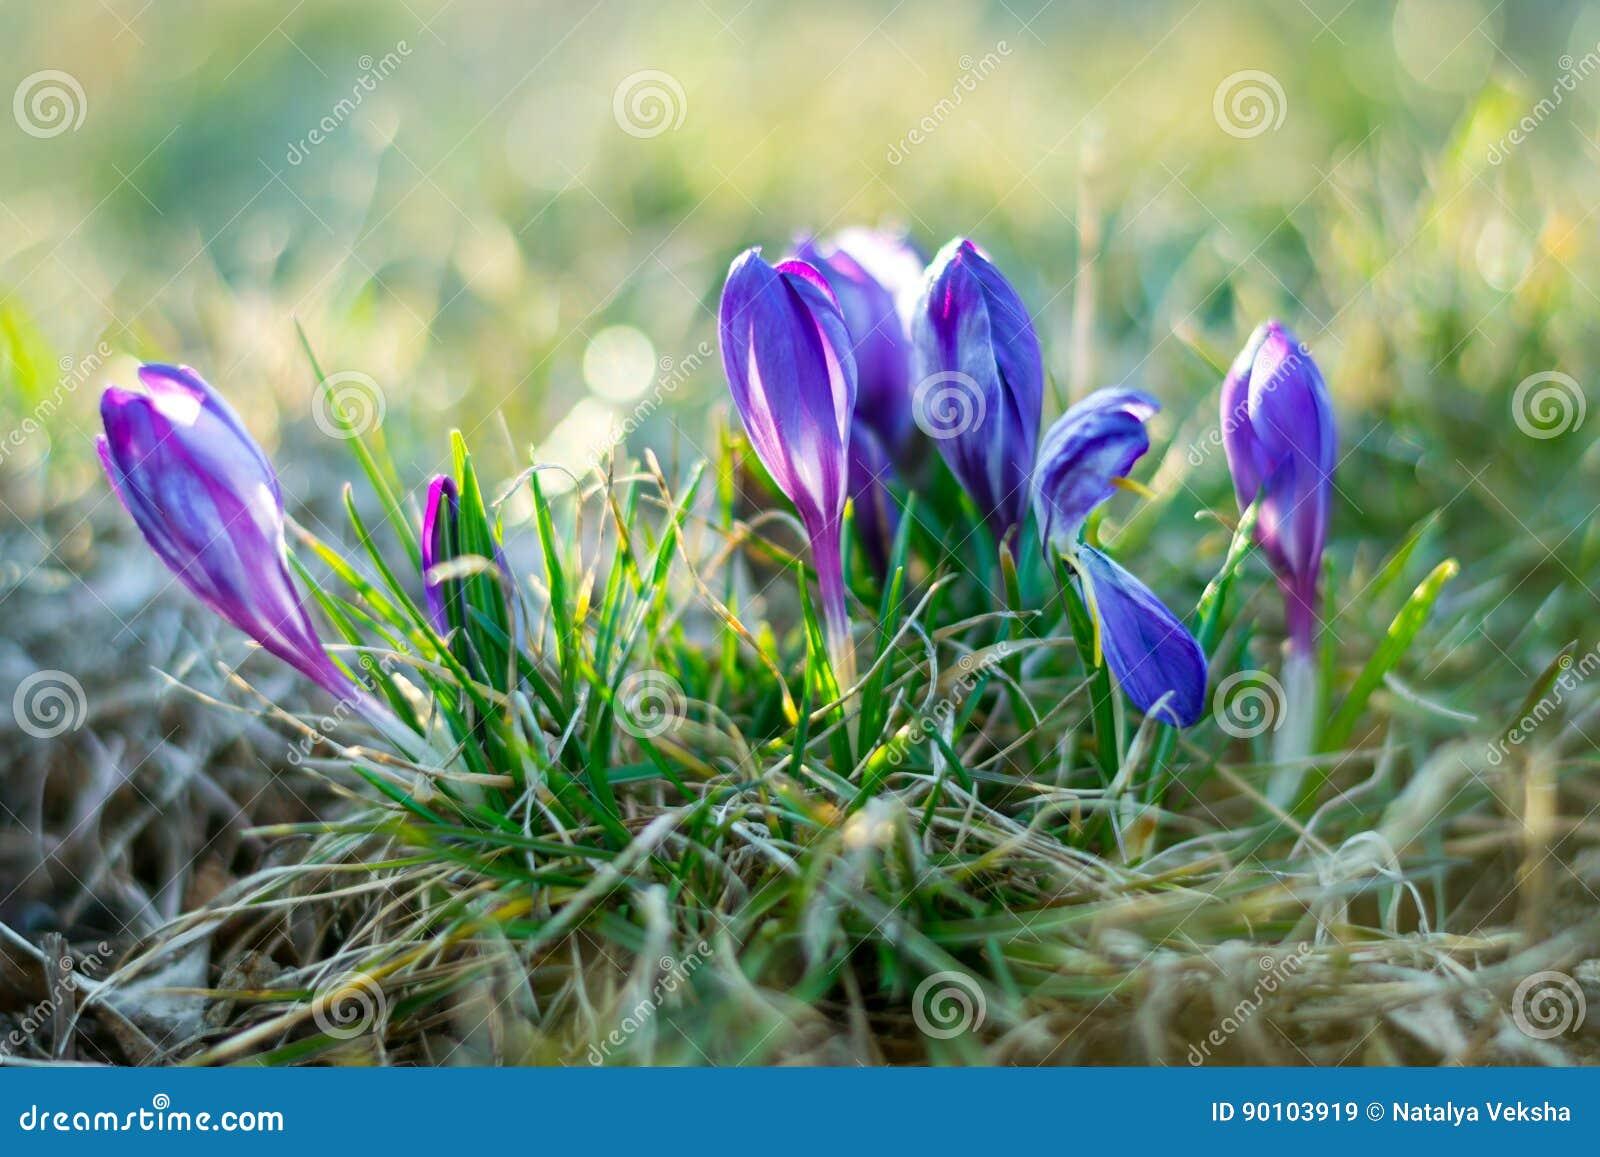 Фокус фиолетового крокуса крокусов sativus мягкий и отраженное bokeh